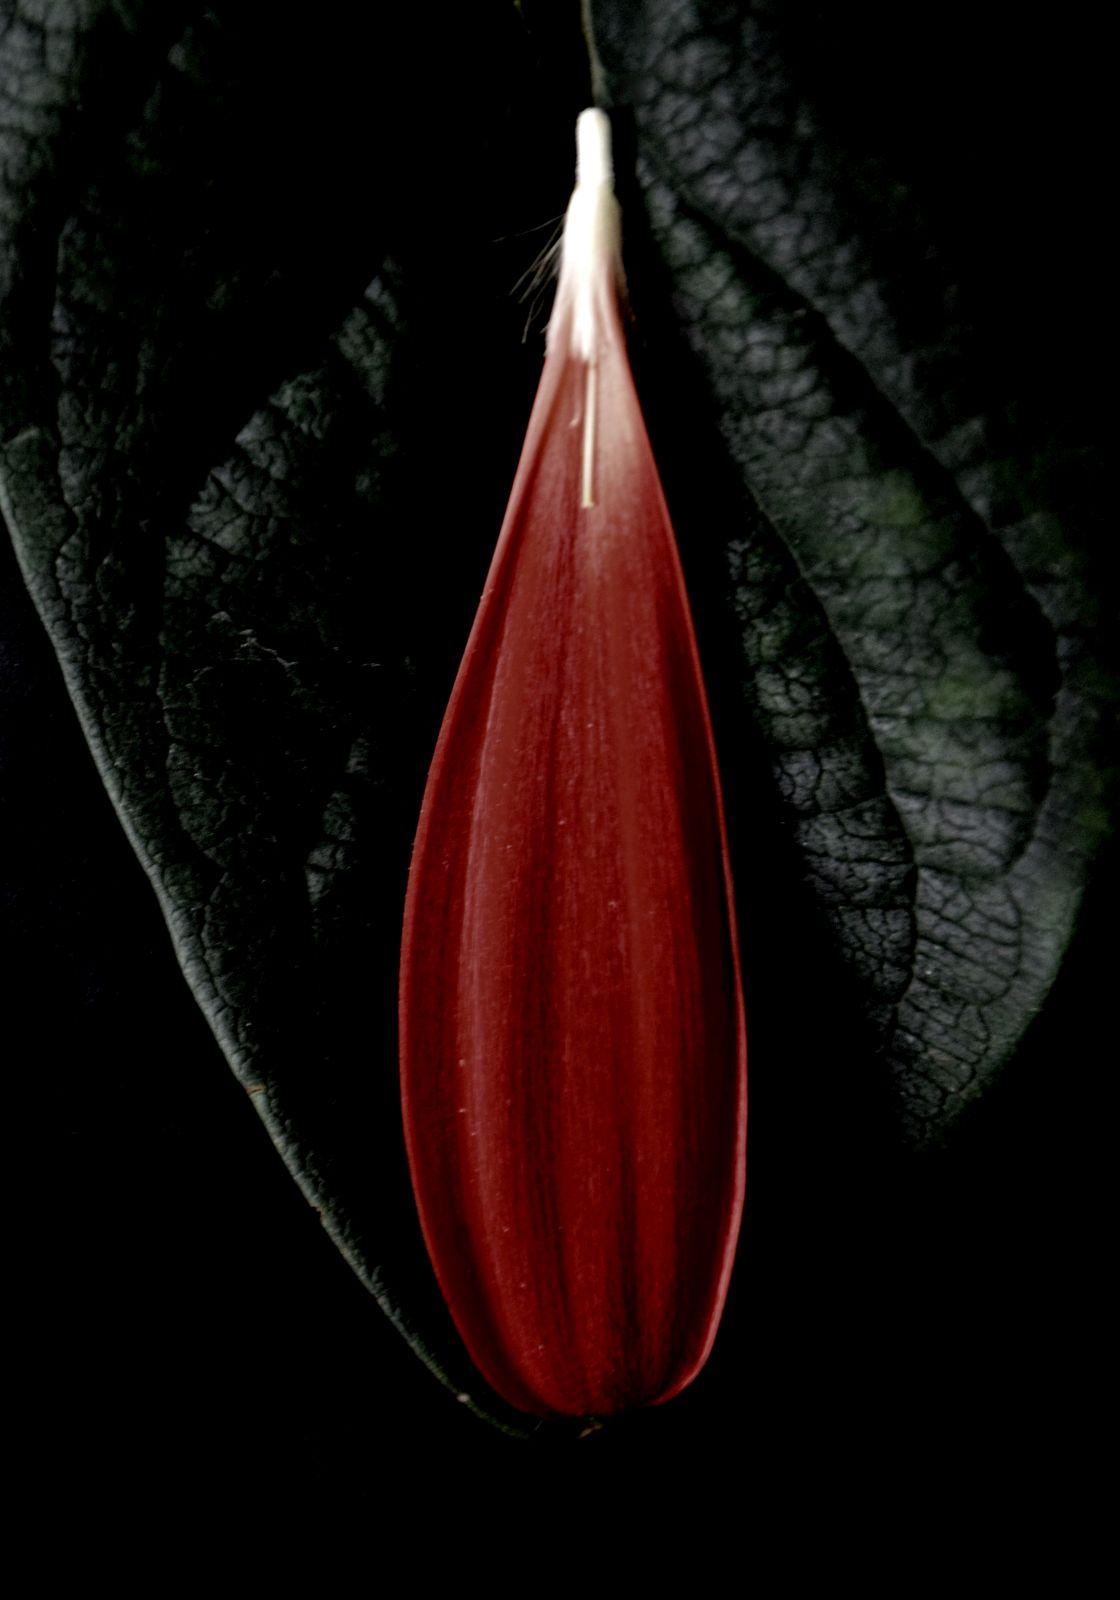 Cose di natura, Nature's Matters #13, Petalo e foglia/Petal and Leaf, 2012